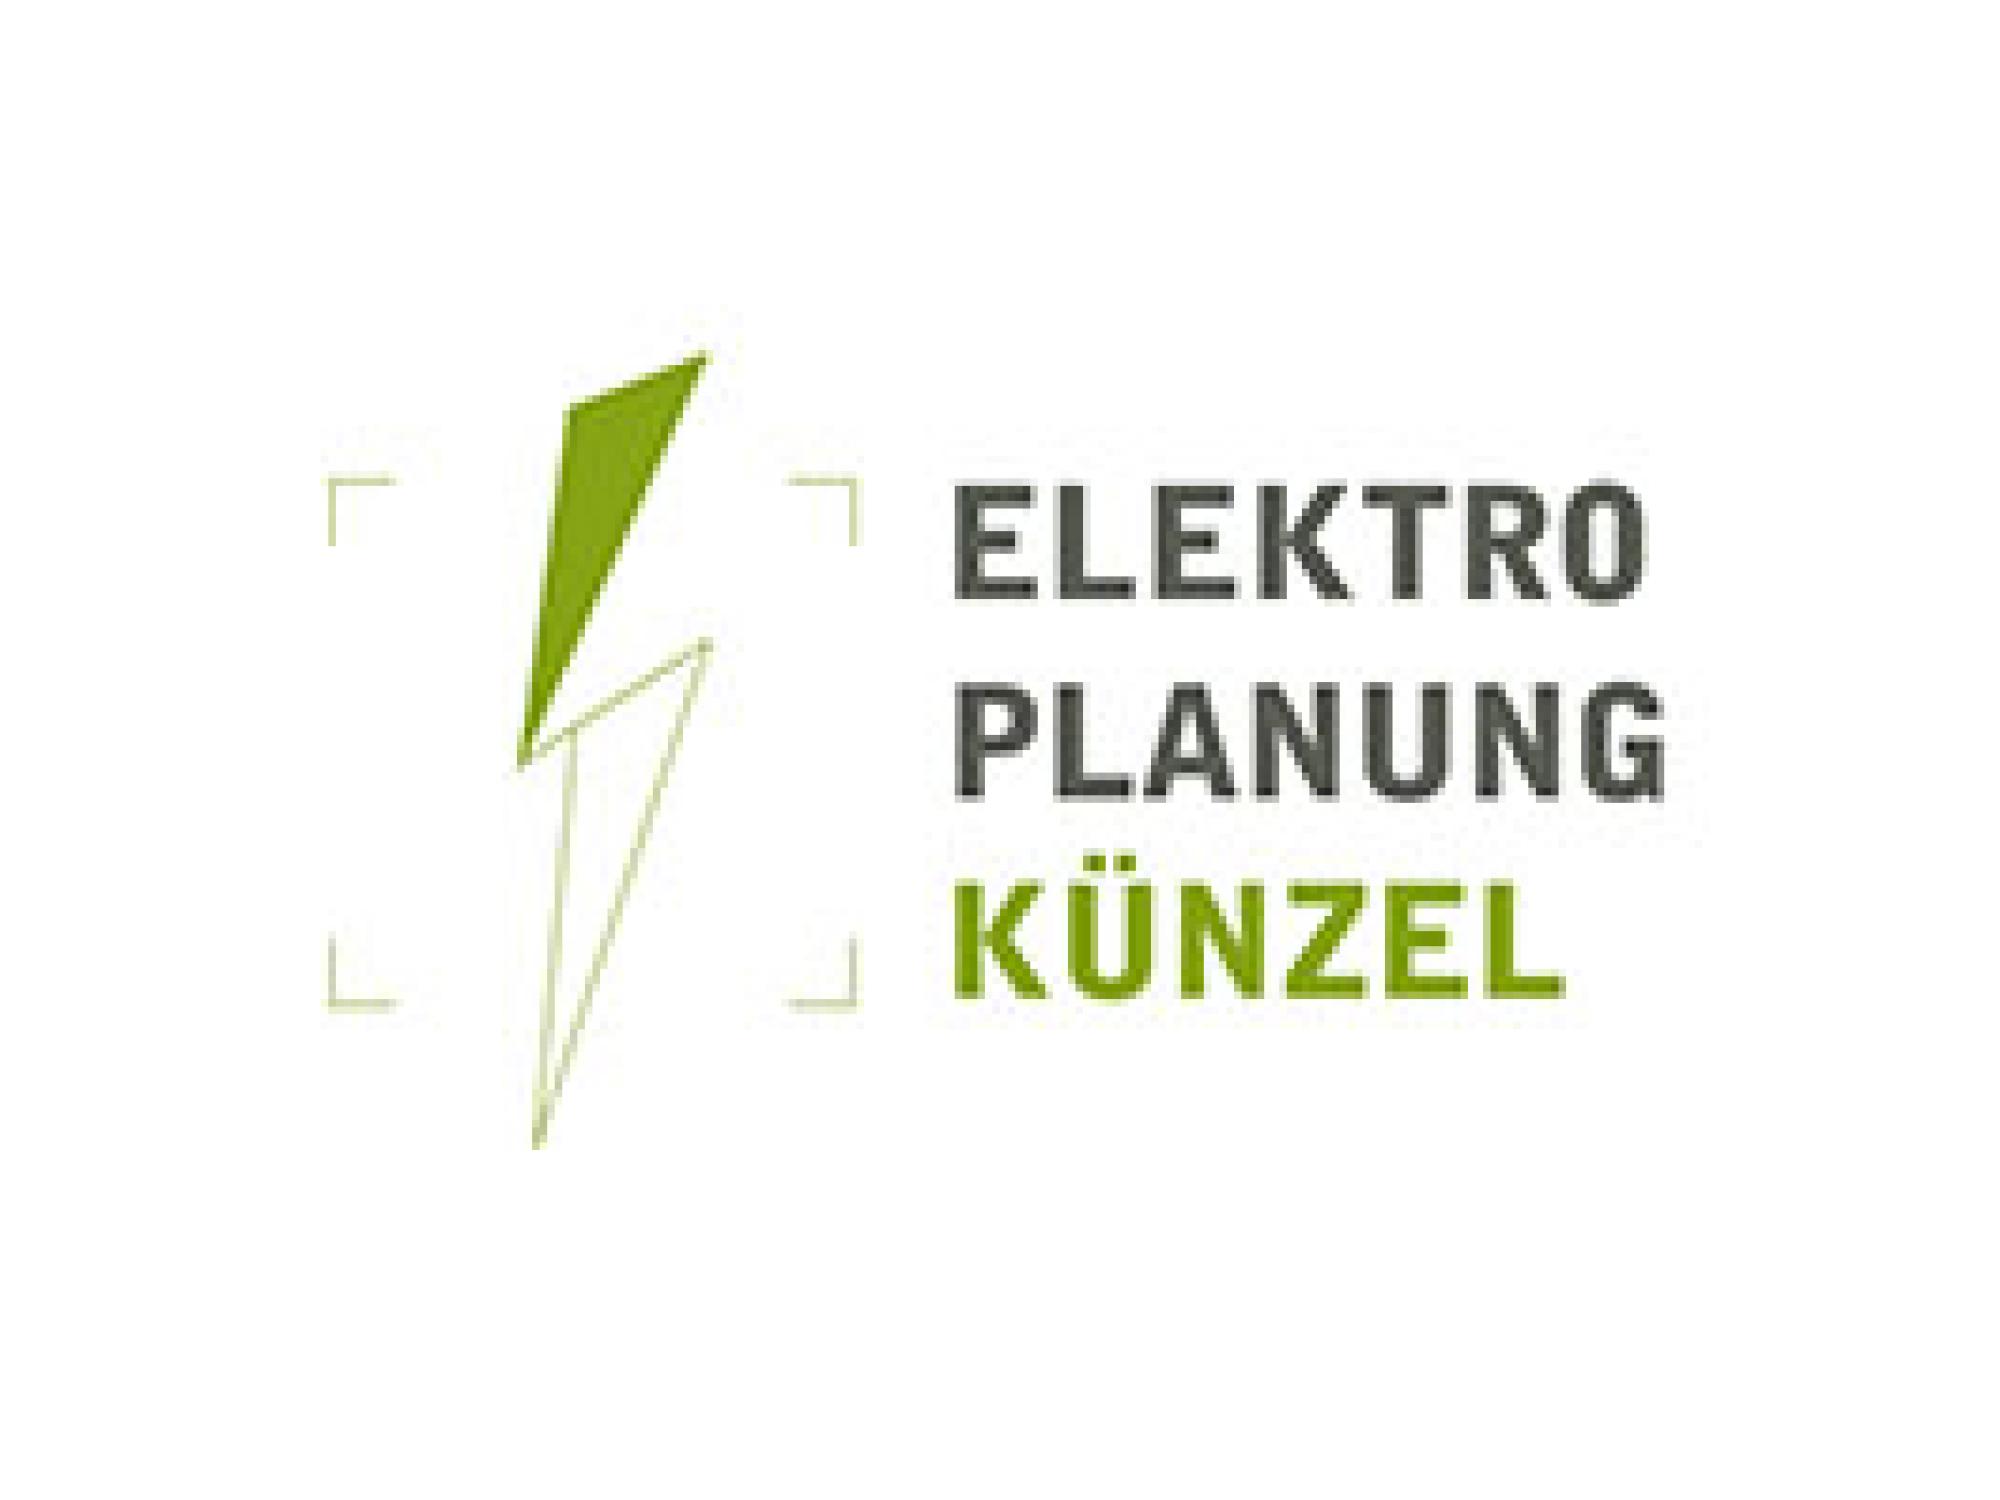 Elektroplaunungsbüro Künzel